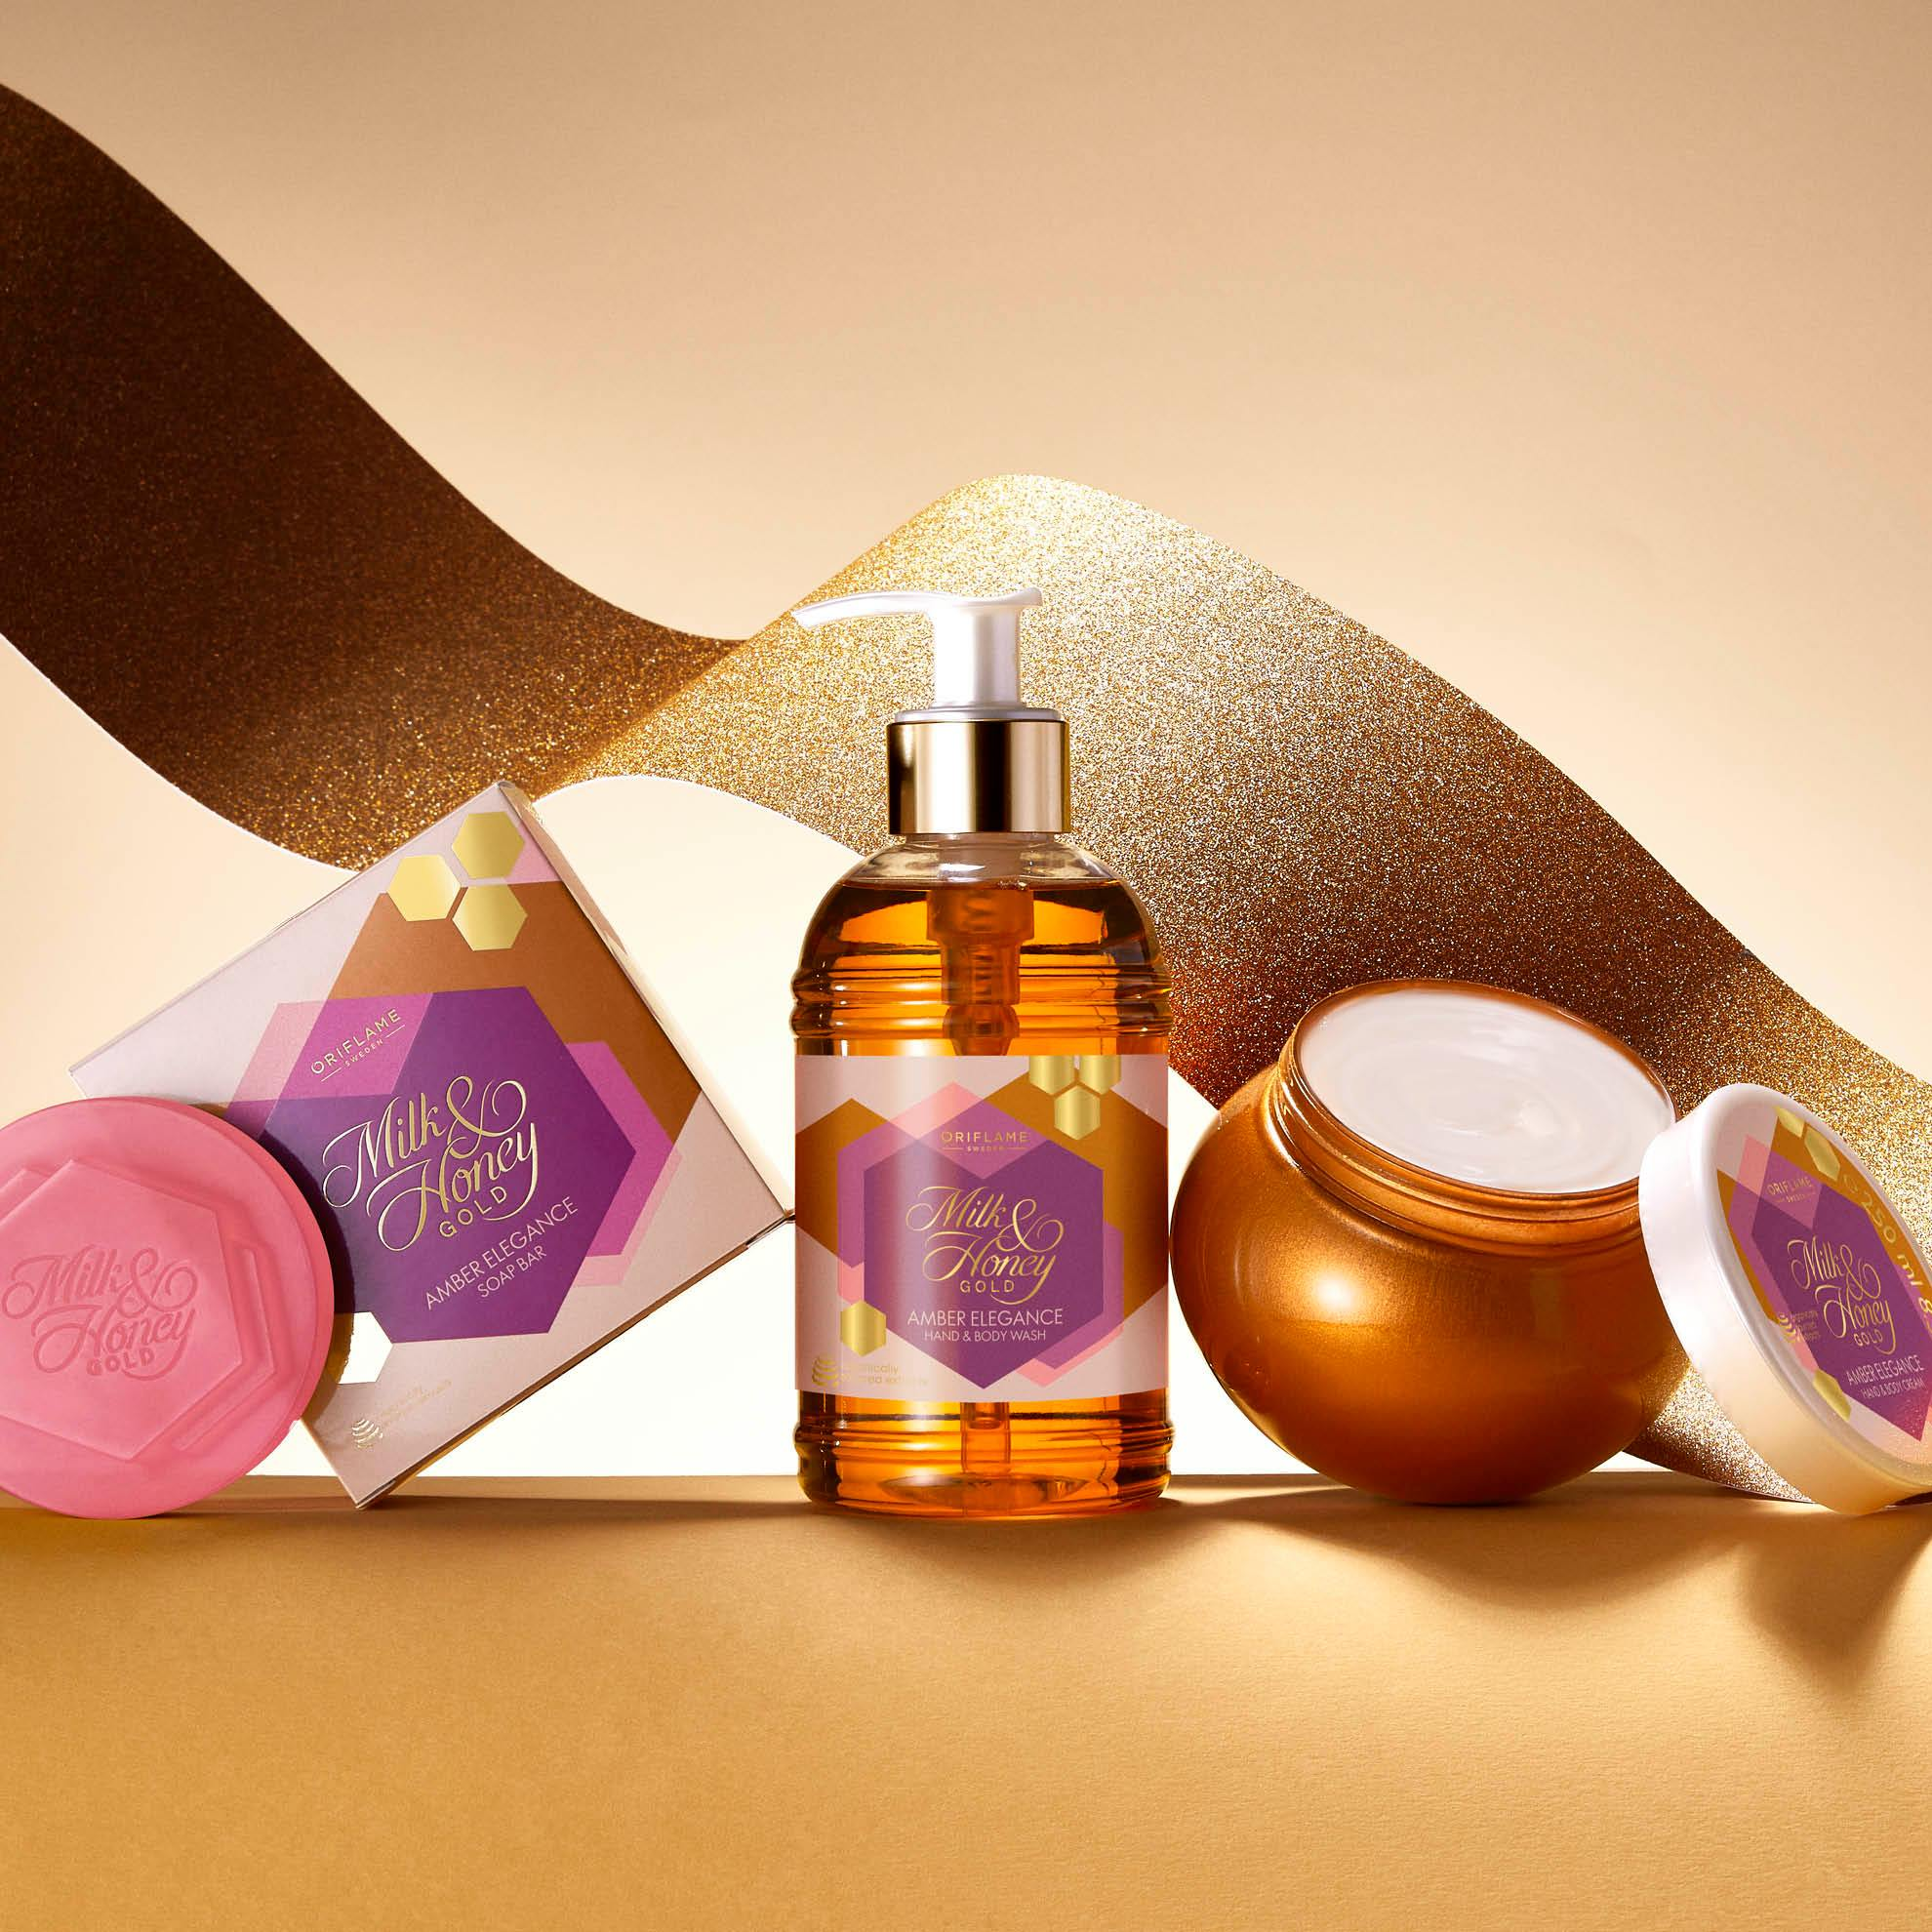 صابون شیروعسل امبر الگانس اوریفلیم Amber Elegance Soap Bar Oriflame